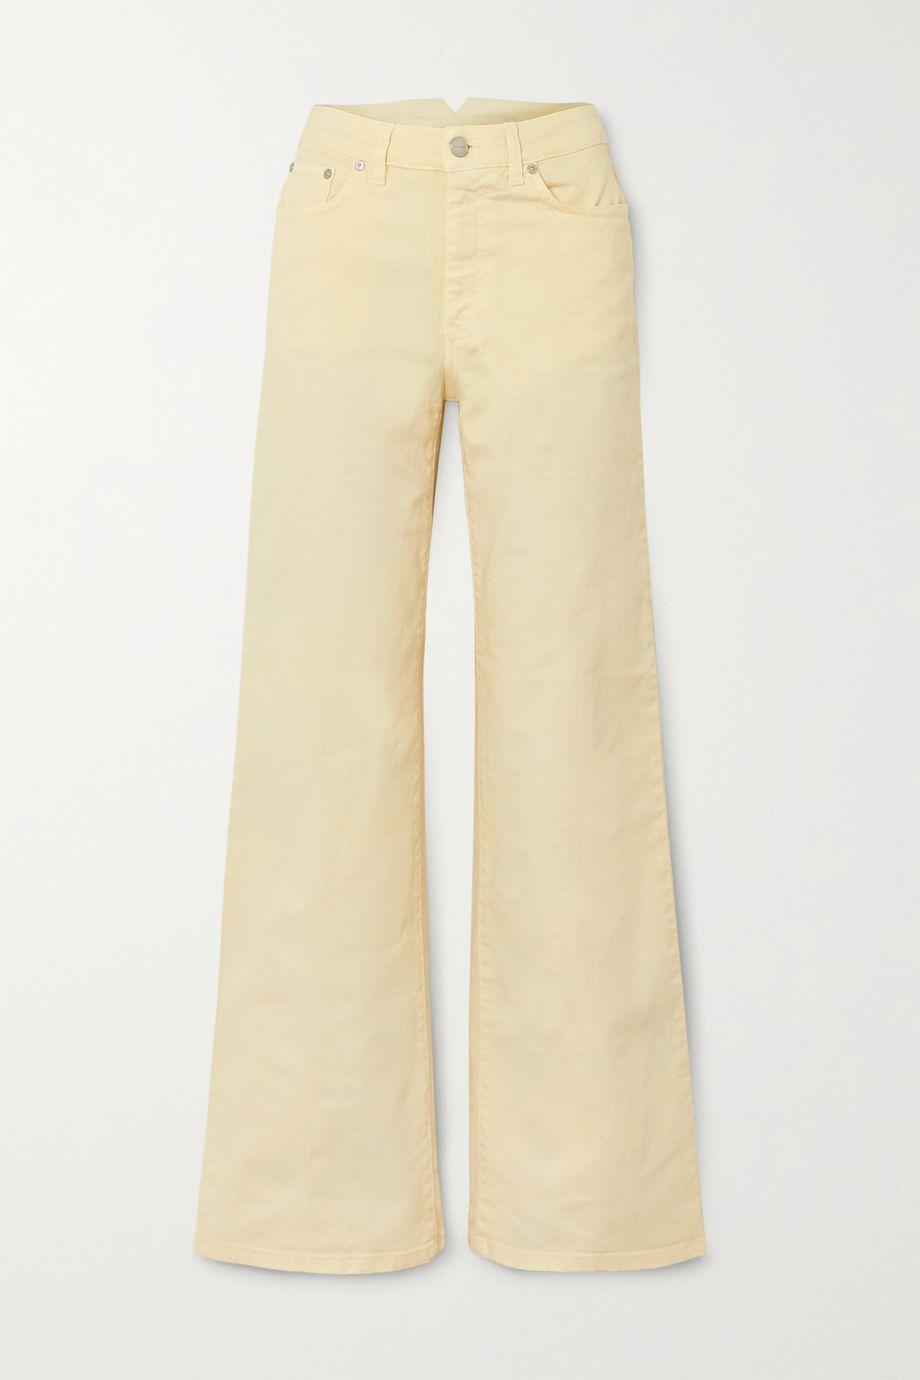 Holzweiler Oda high-rise wide-leg jeans